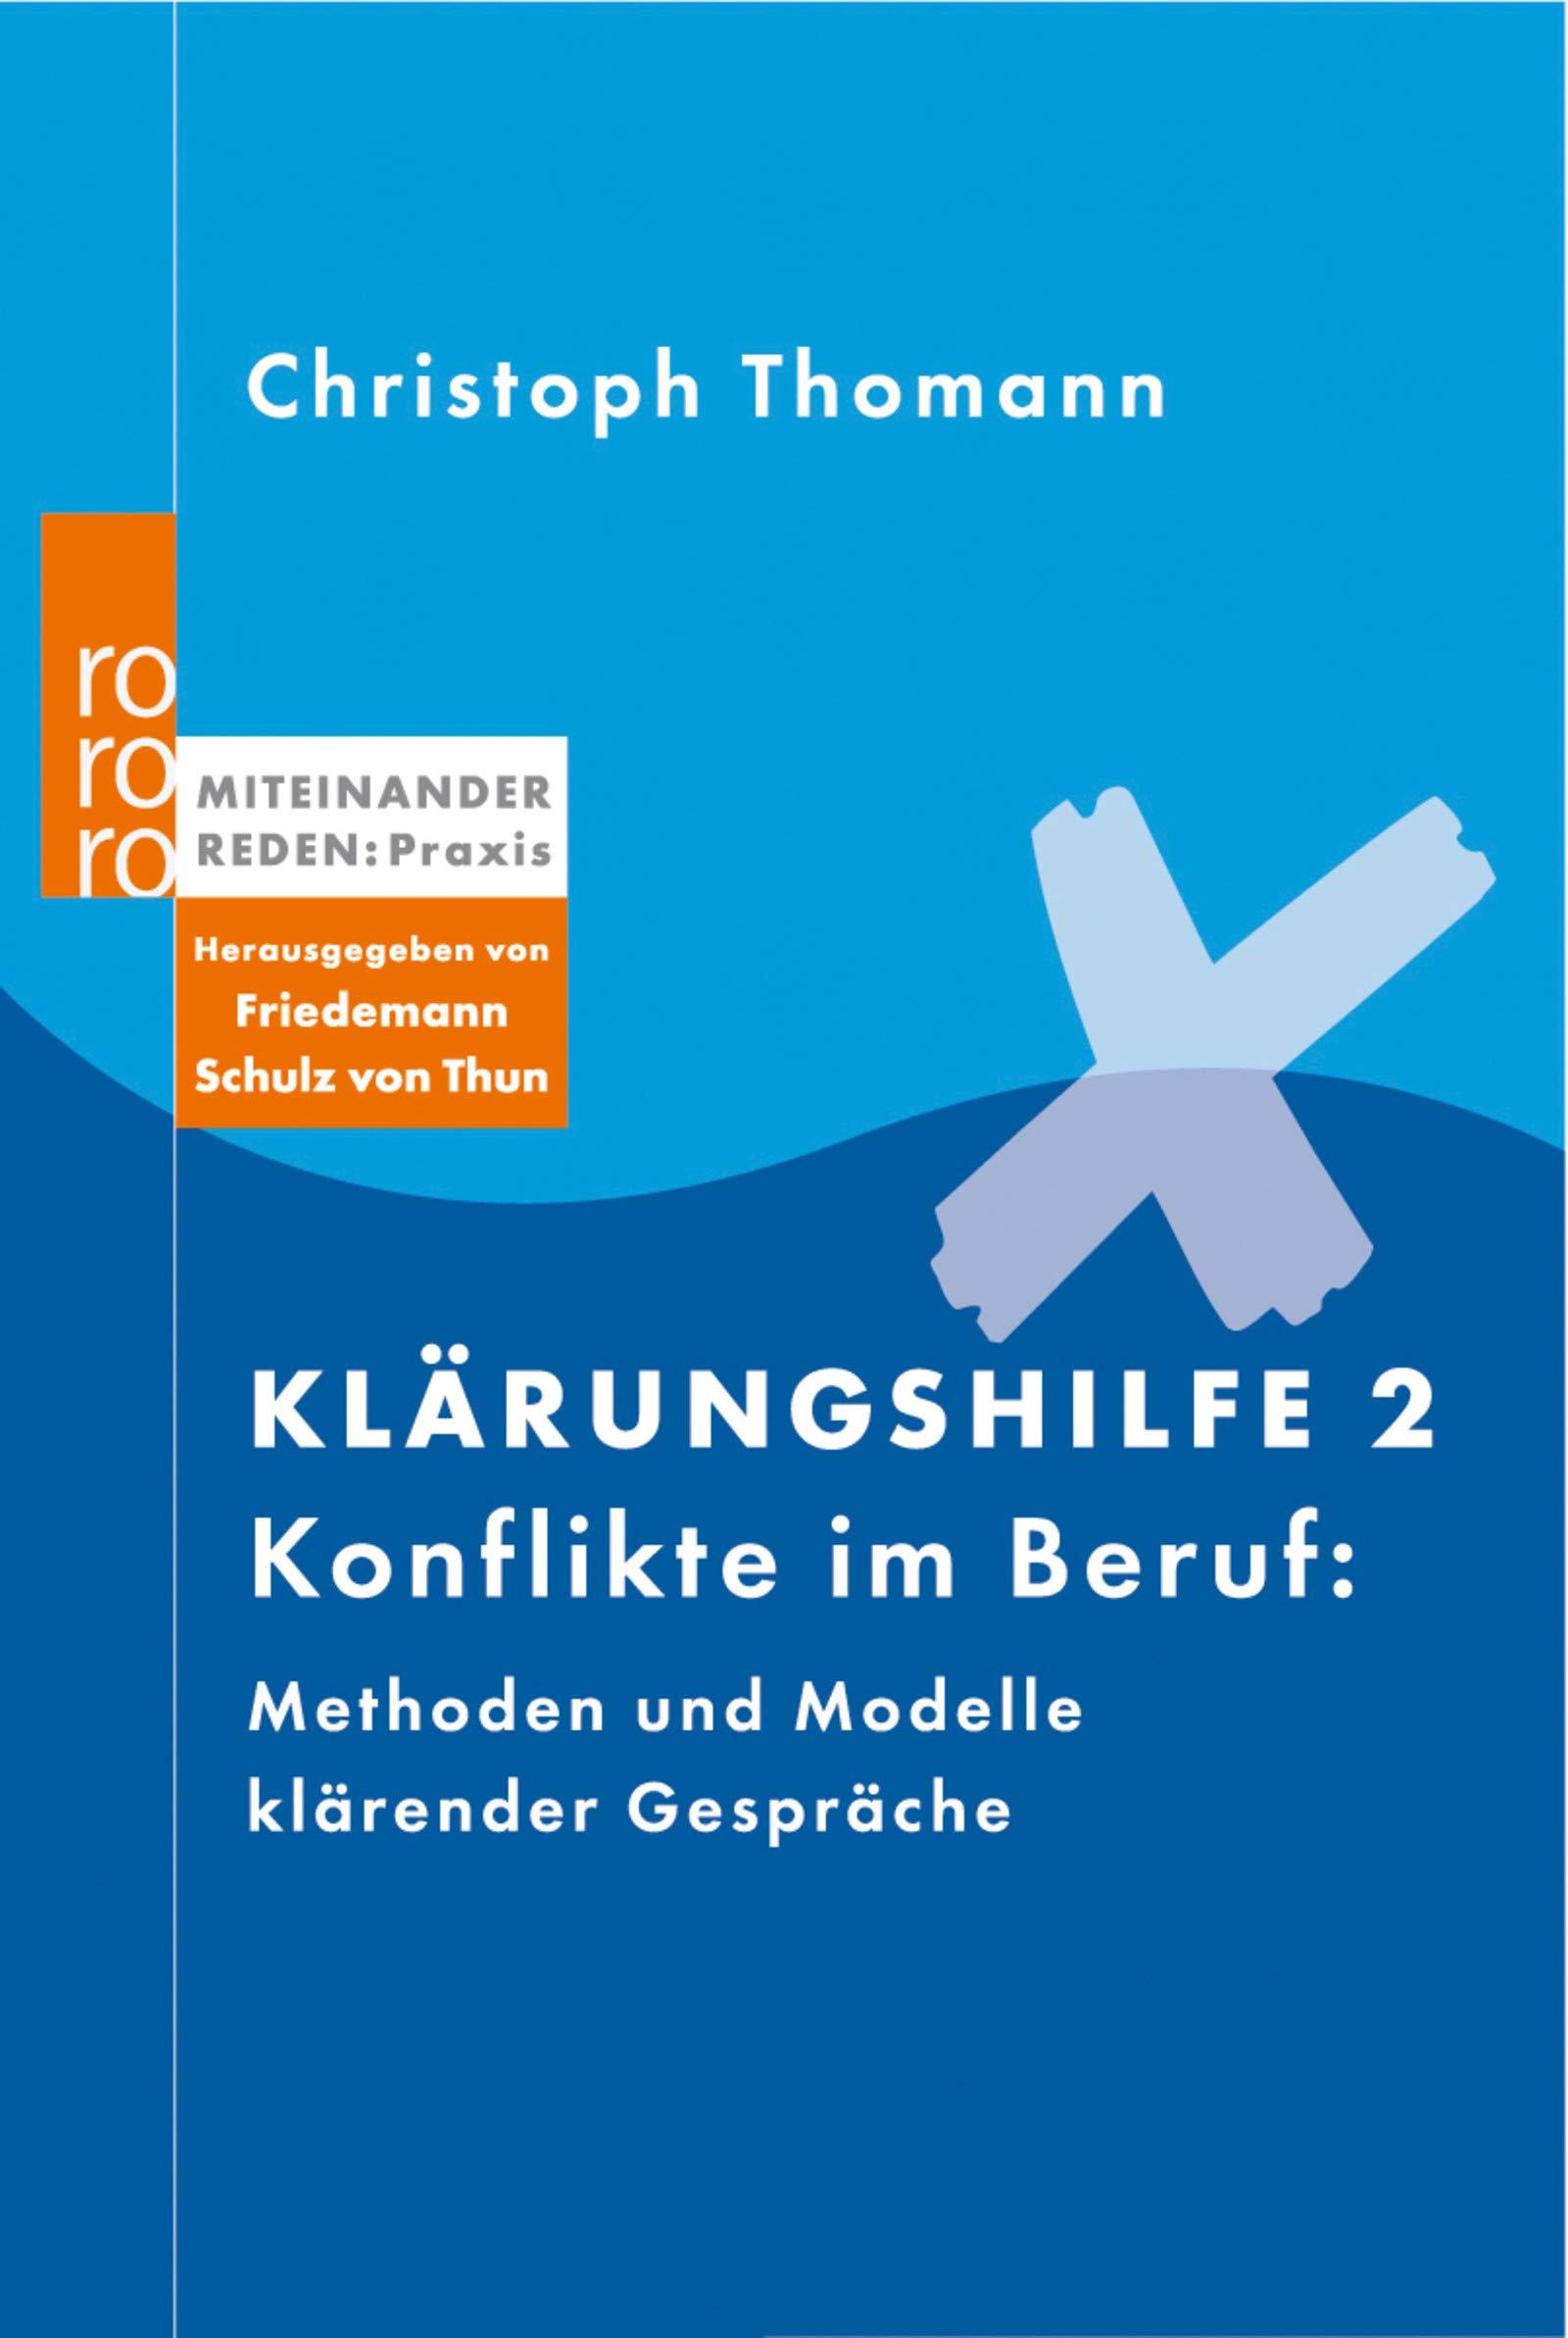 Klärungshilfe 2: Konflikte im Beruf: Methoden und Modelle klärender Gespräche (Miteinander reden Praxis)